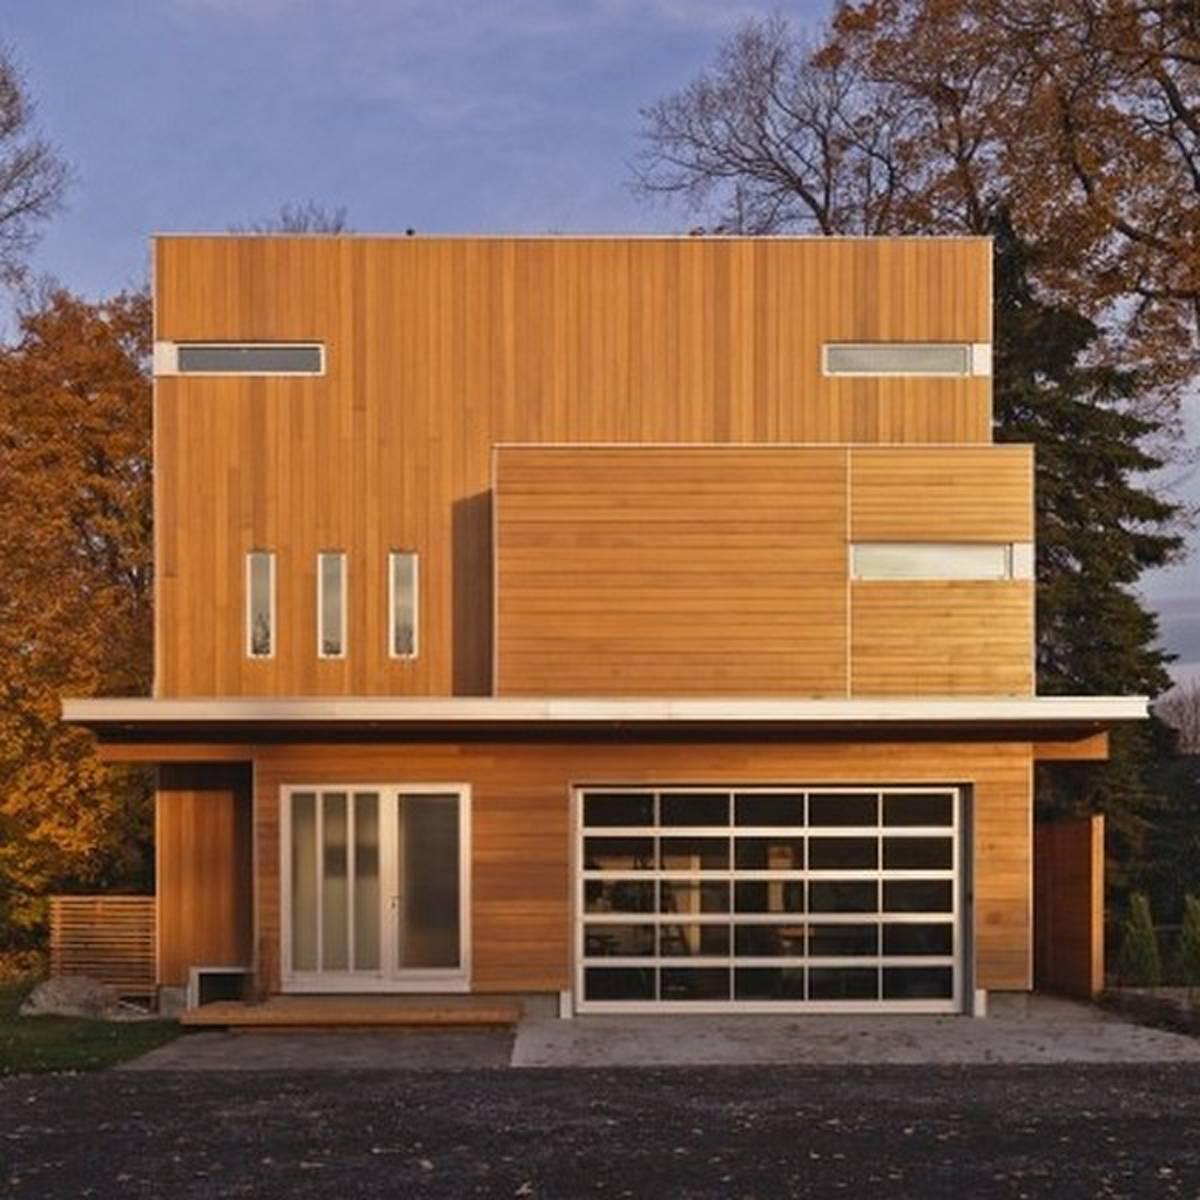 casas de madeira fachada moderna